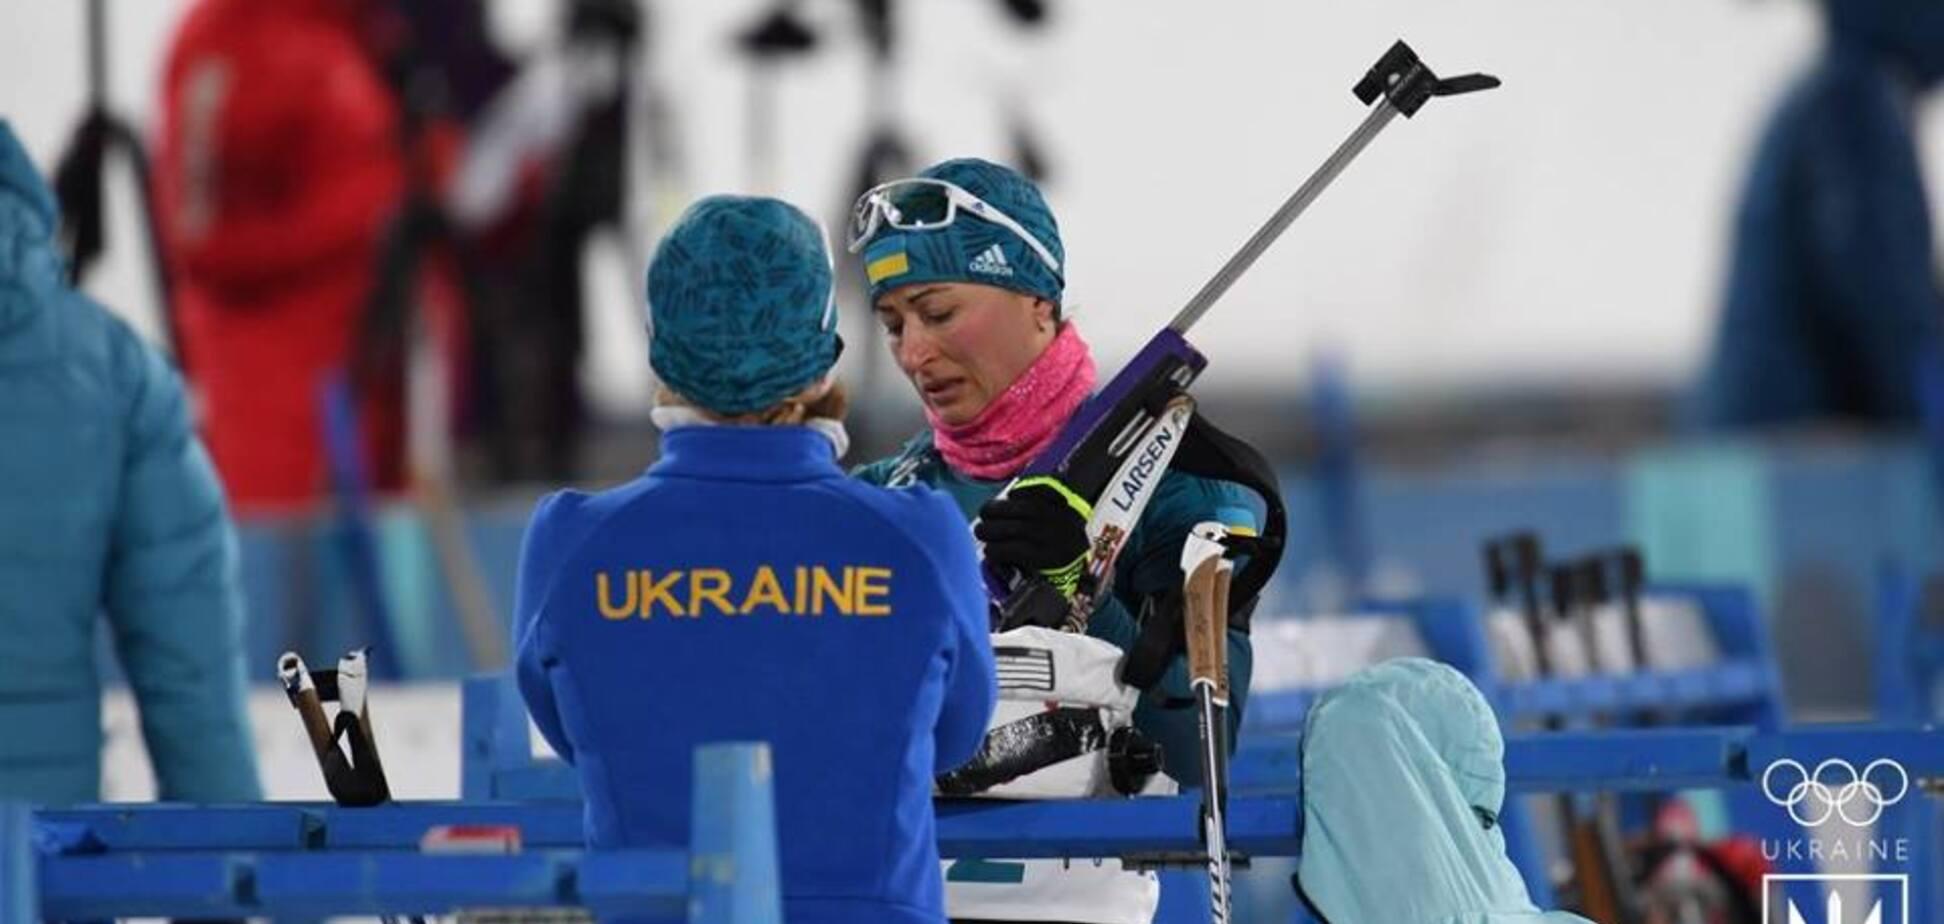 'Прорвало': кращий біатлонний коментатор України розкрив причини скандалу у збірній на Олімпіаді-2018